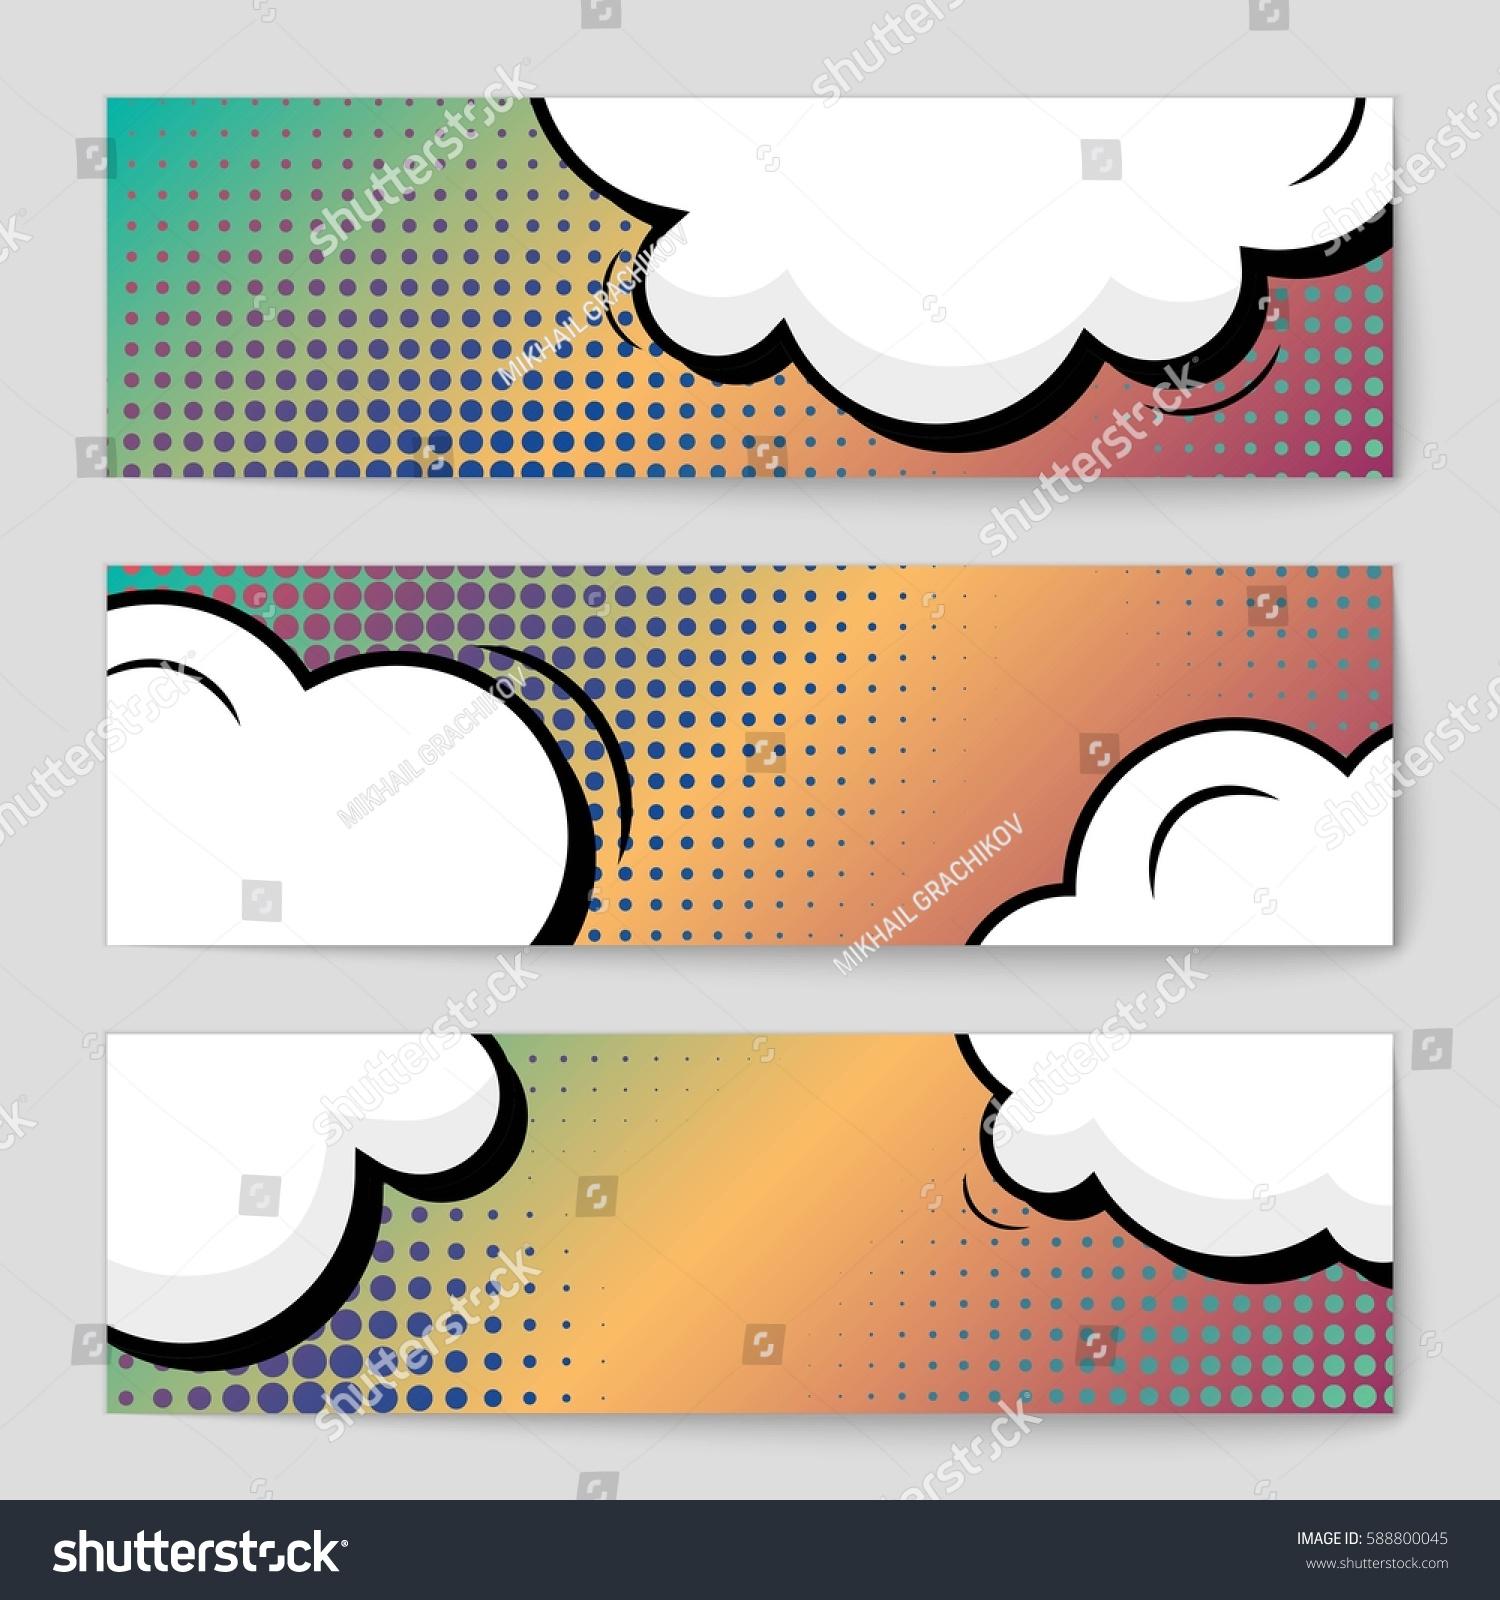 Creative Book Design Vector : Abstract creative concept vector comic pop stock